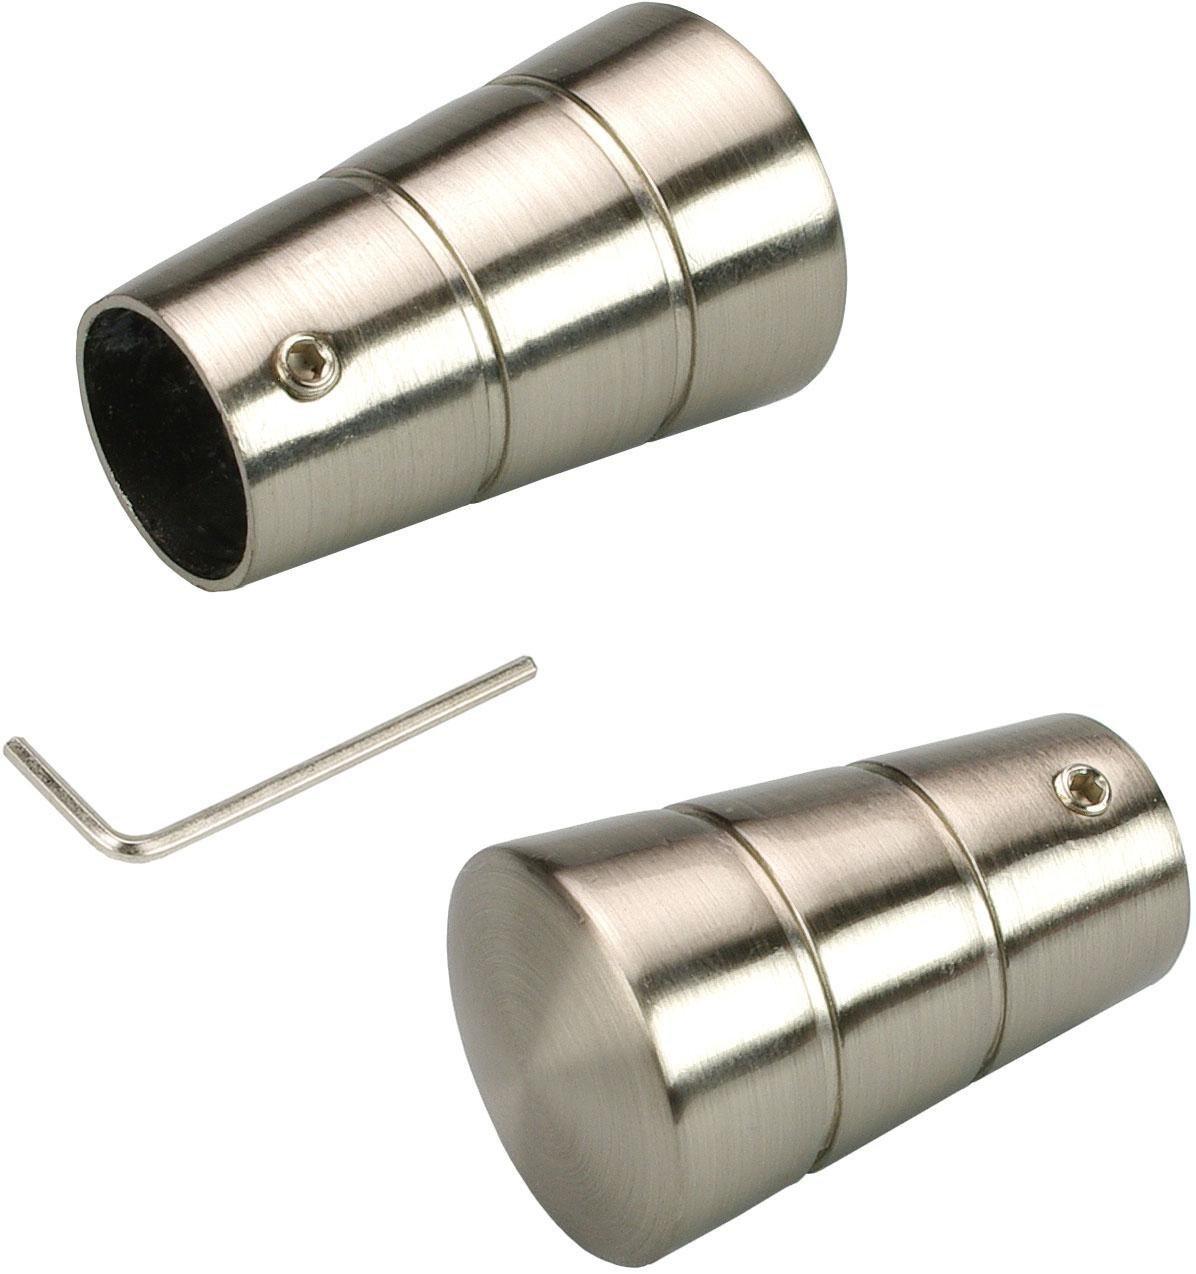 Endstück, Liedeco, »Concav«, für Gardinenstangen Ø 16 mm (2 Stück) | Heimtextilien > Gardinen und Vorhänge > Gardinenstangen | Liedeco